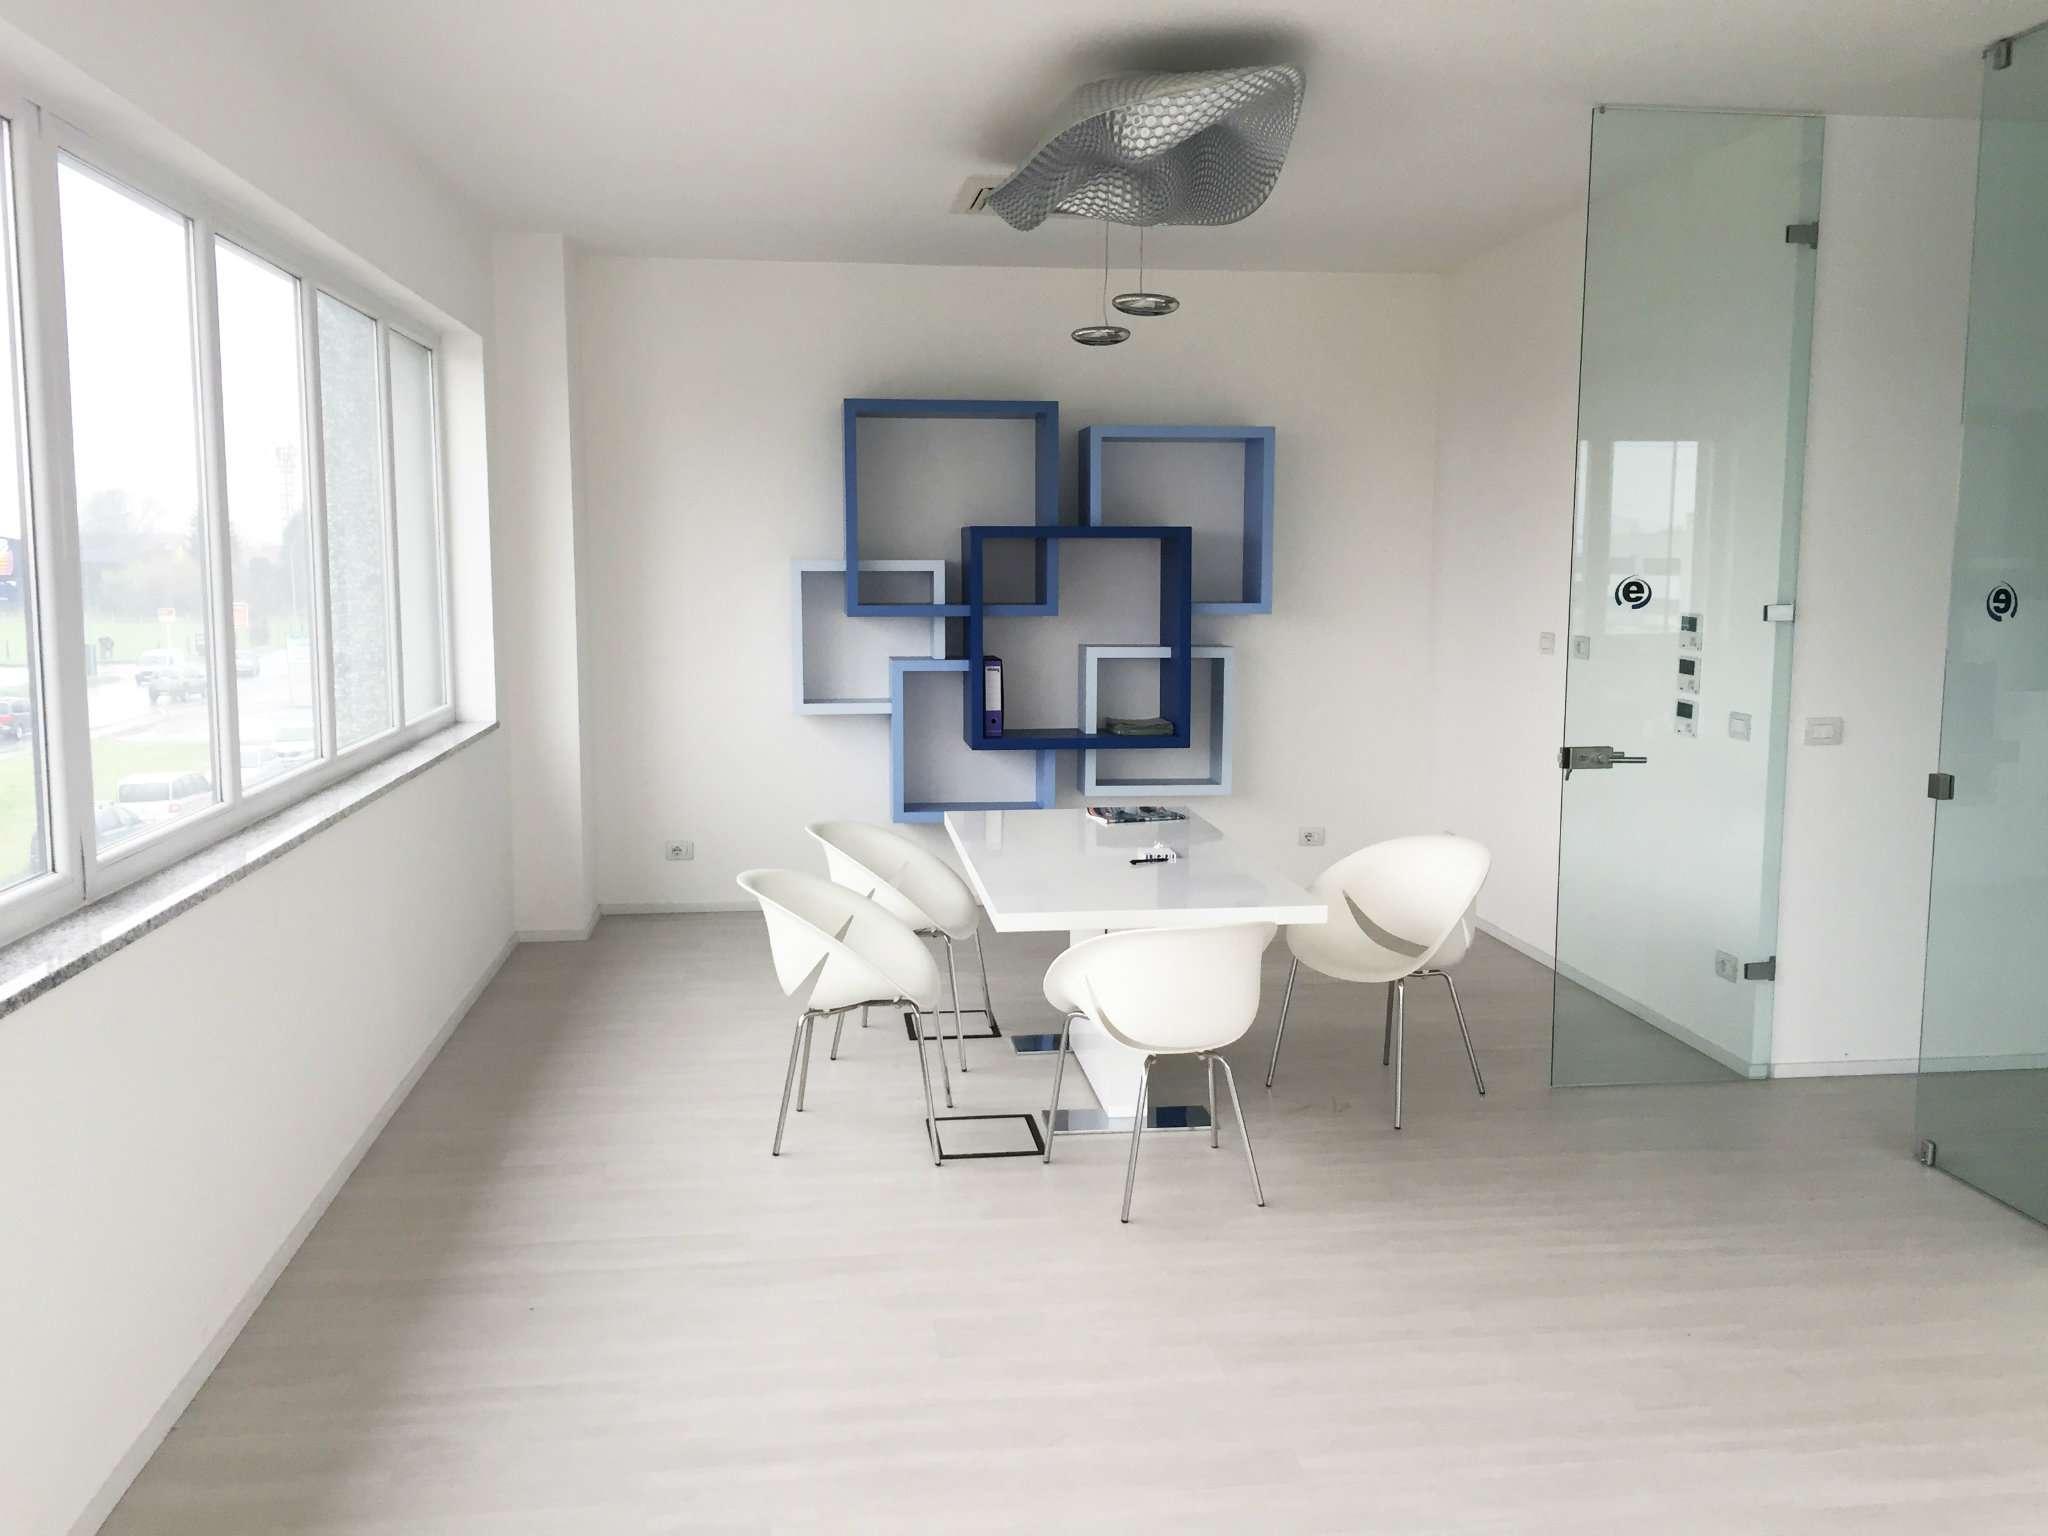 Ufficio / Studio in affitto a Moncalieri, 4 locali, prezzo € 1.200 | PortaleAgenzieImmobiliari.it